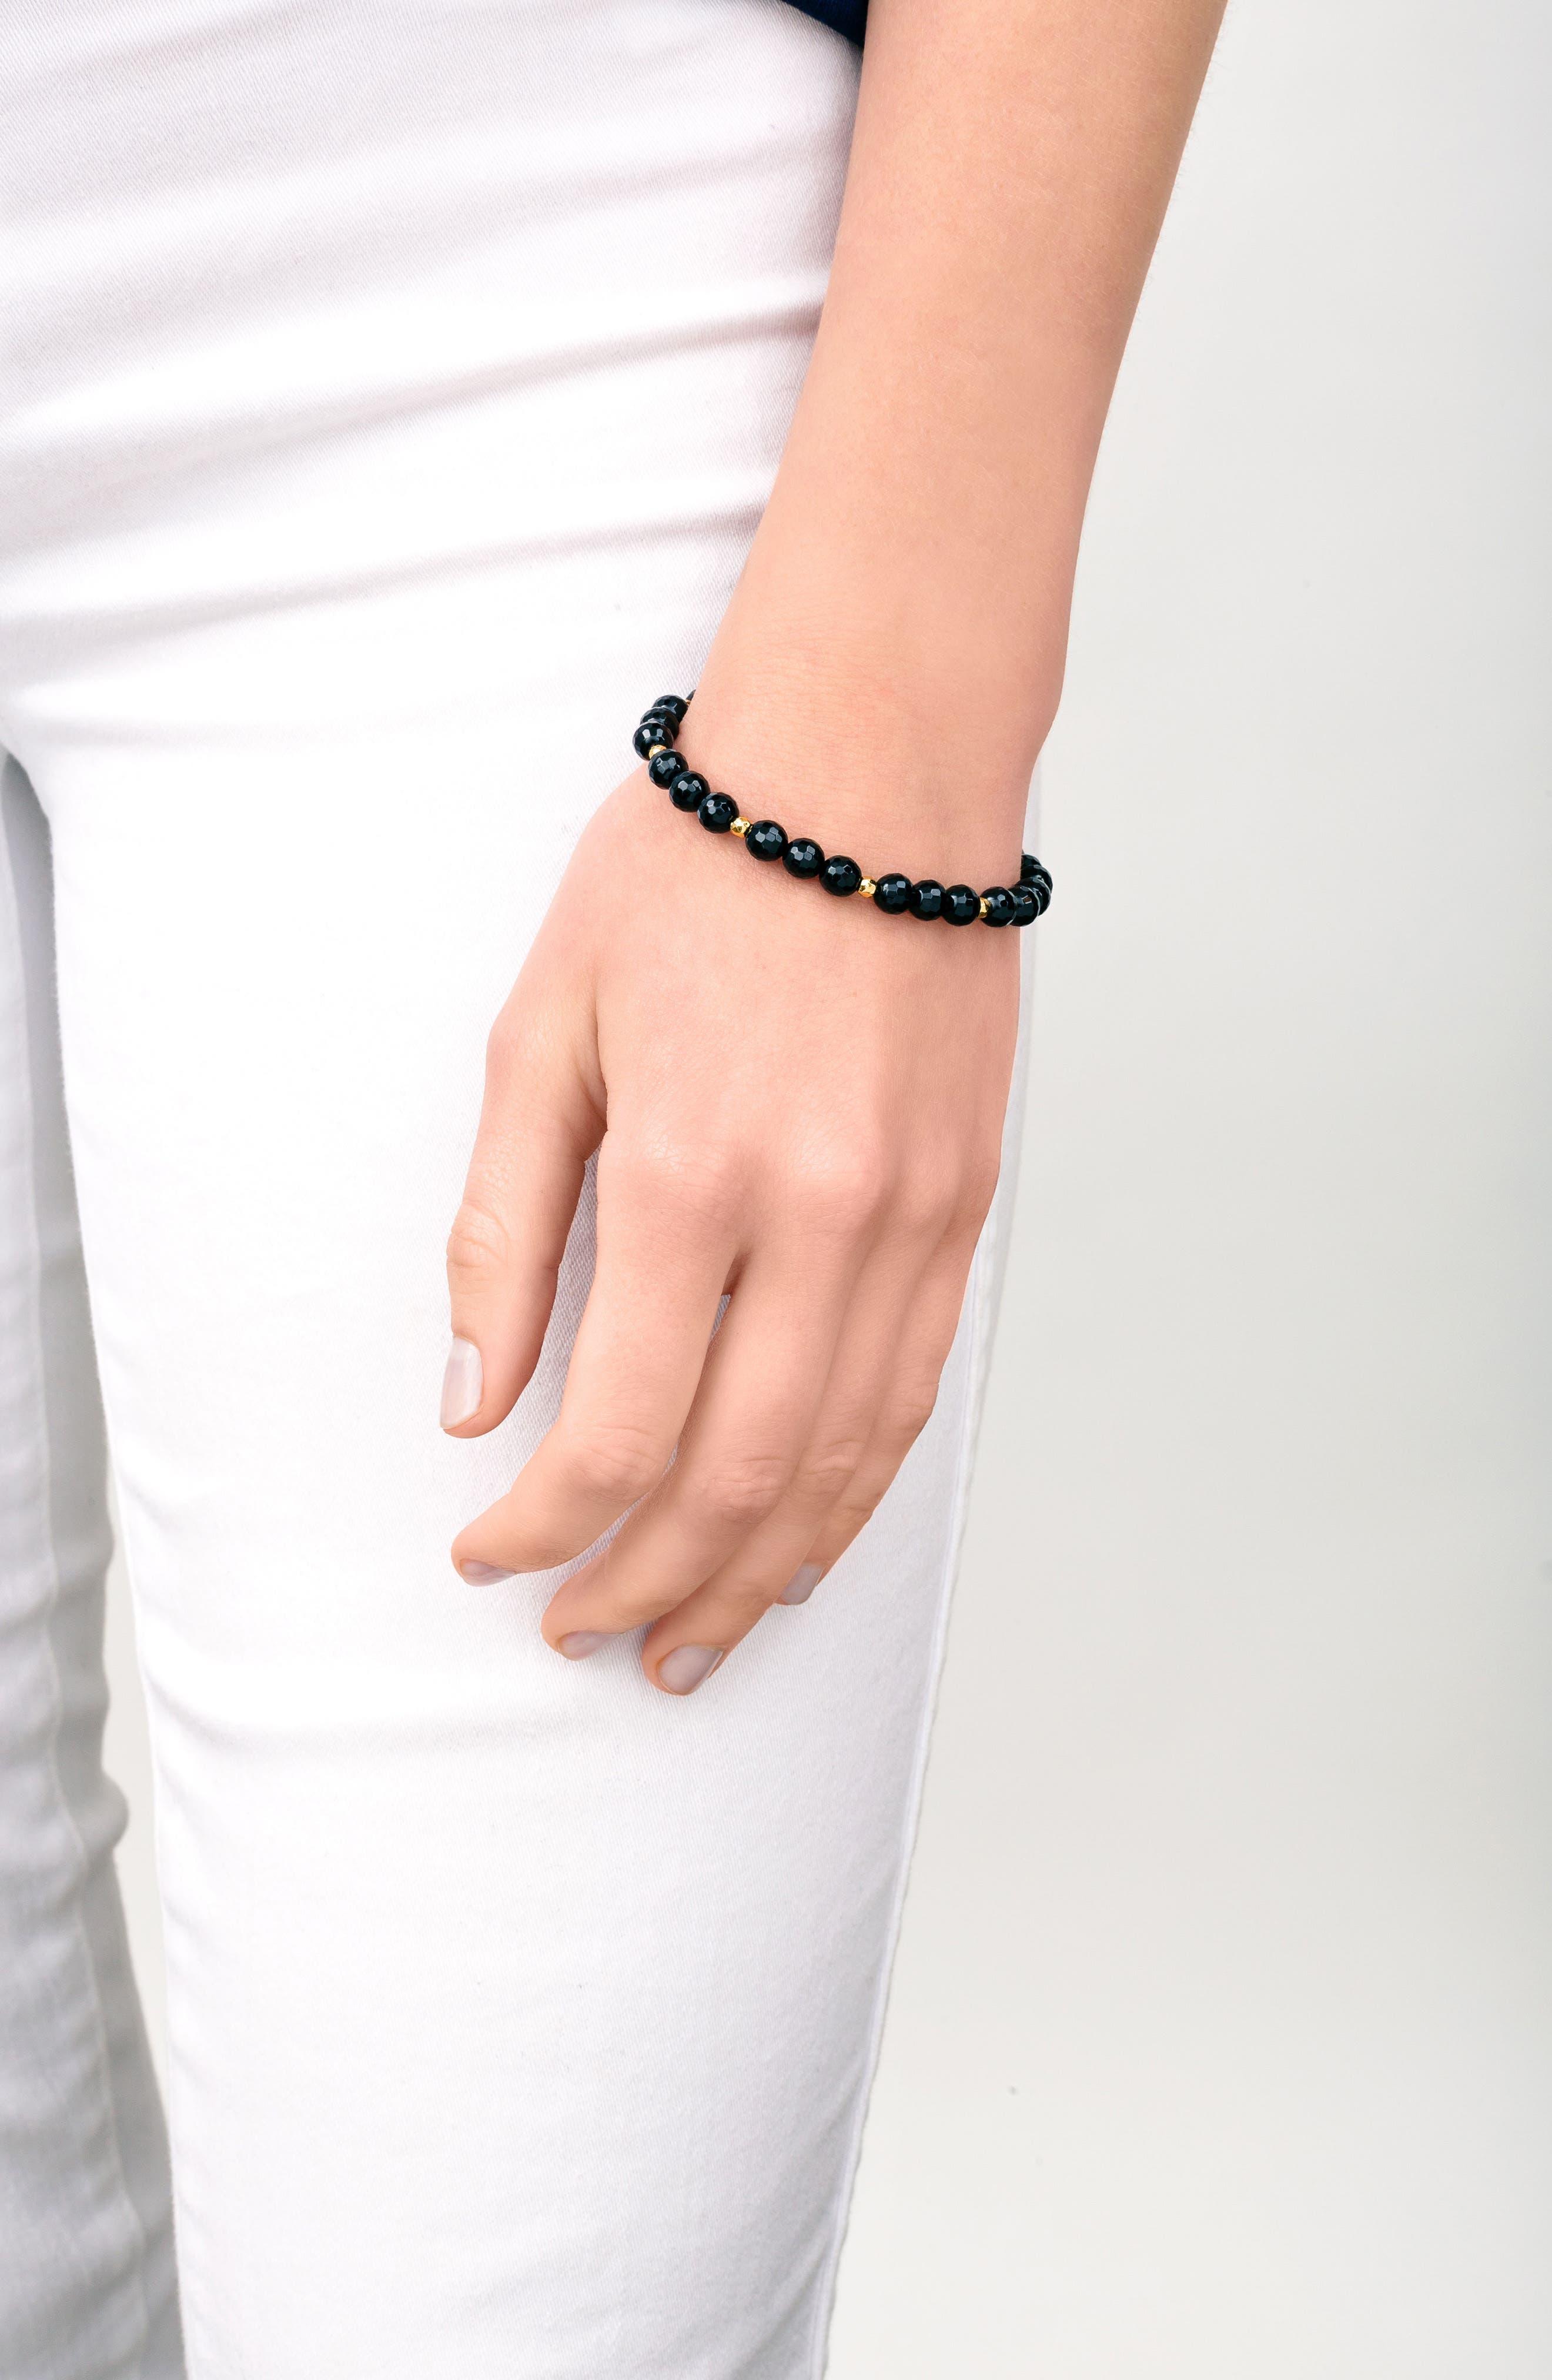 Power Gemstone Beaded Bracelet,                             Alternate thumbnail 3, color,                             BLACK ONYX / GOLD